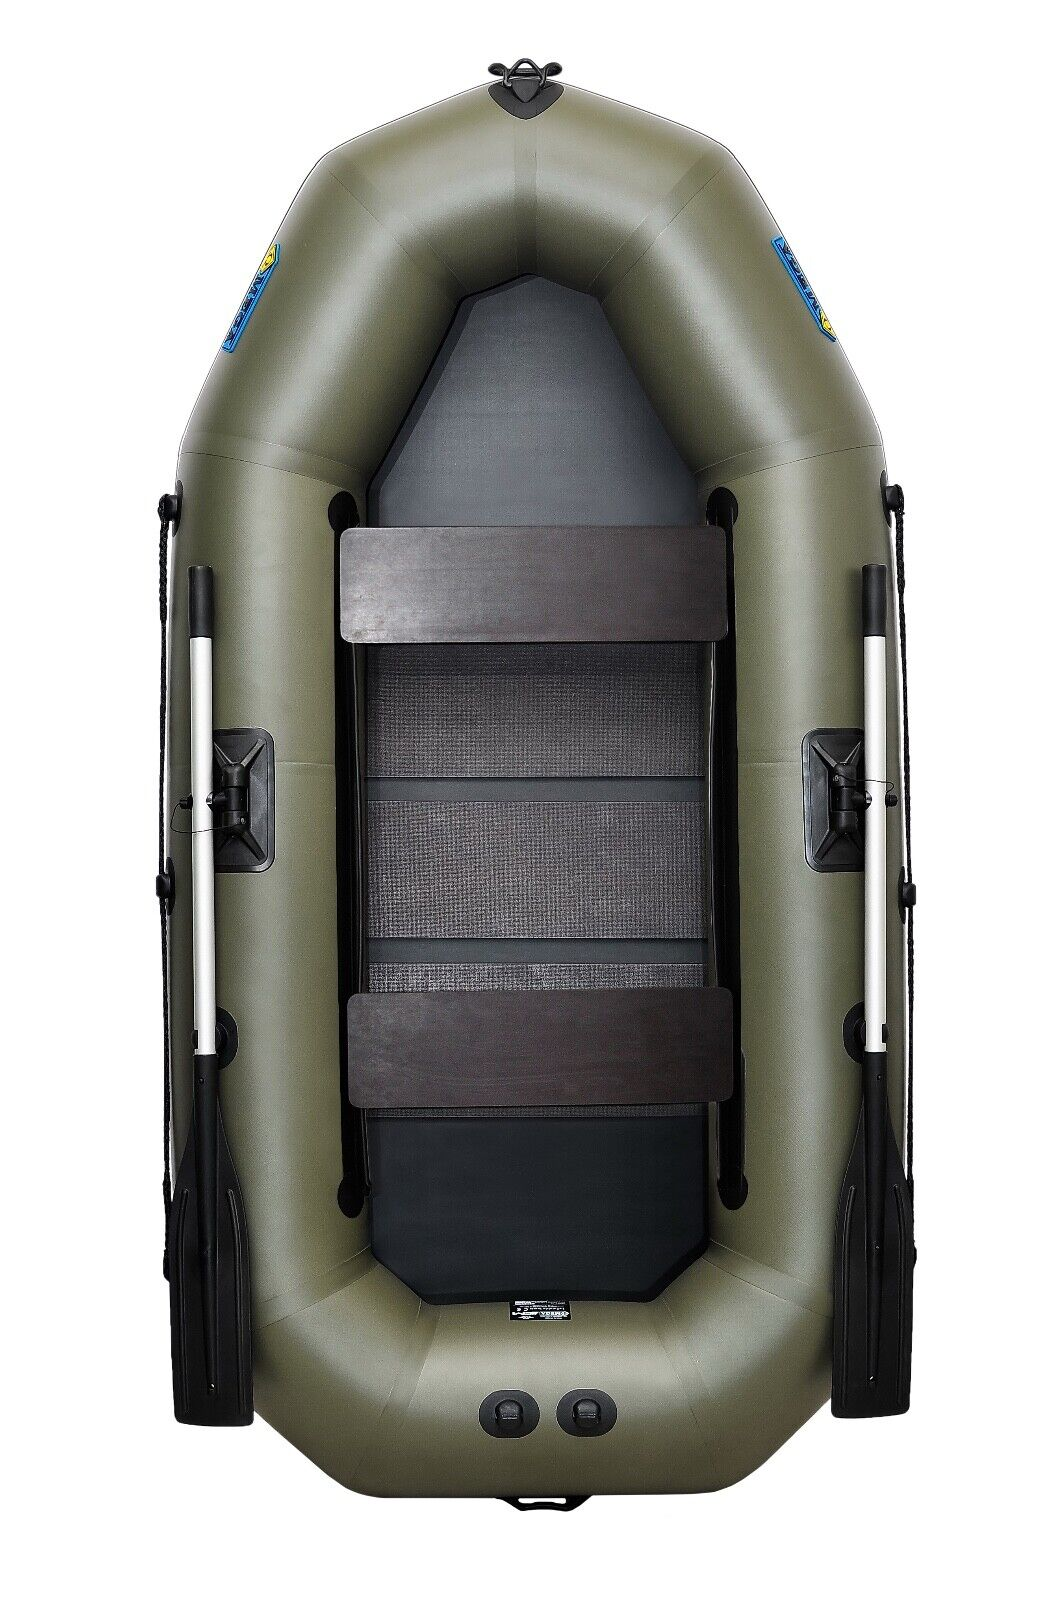 ΩMega Schlauchboot Typ 190 210 220 245 260 280 Angelboot Ruderboot  e-Motor